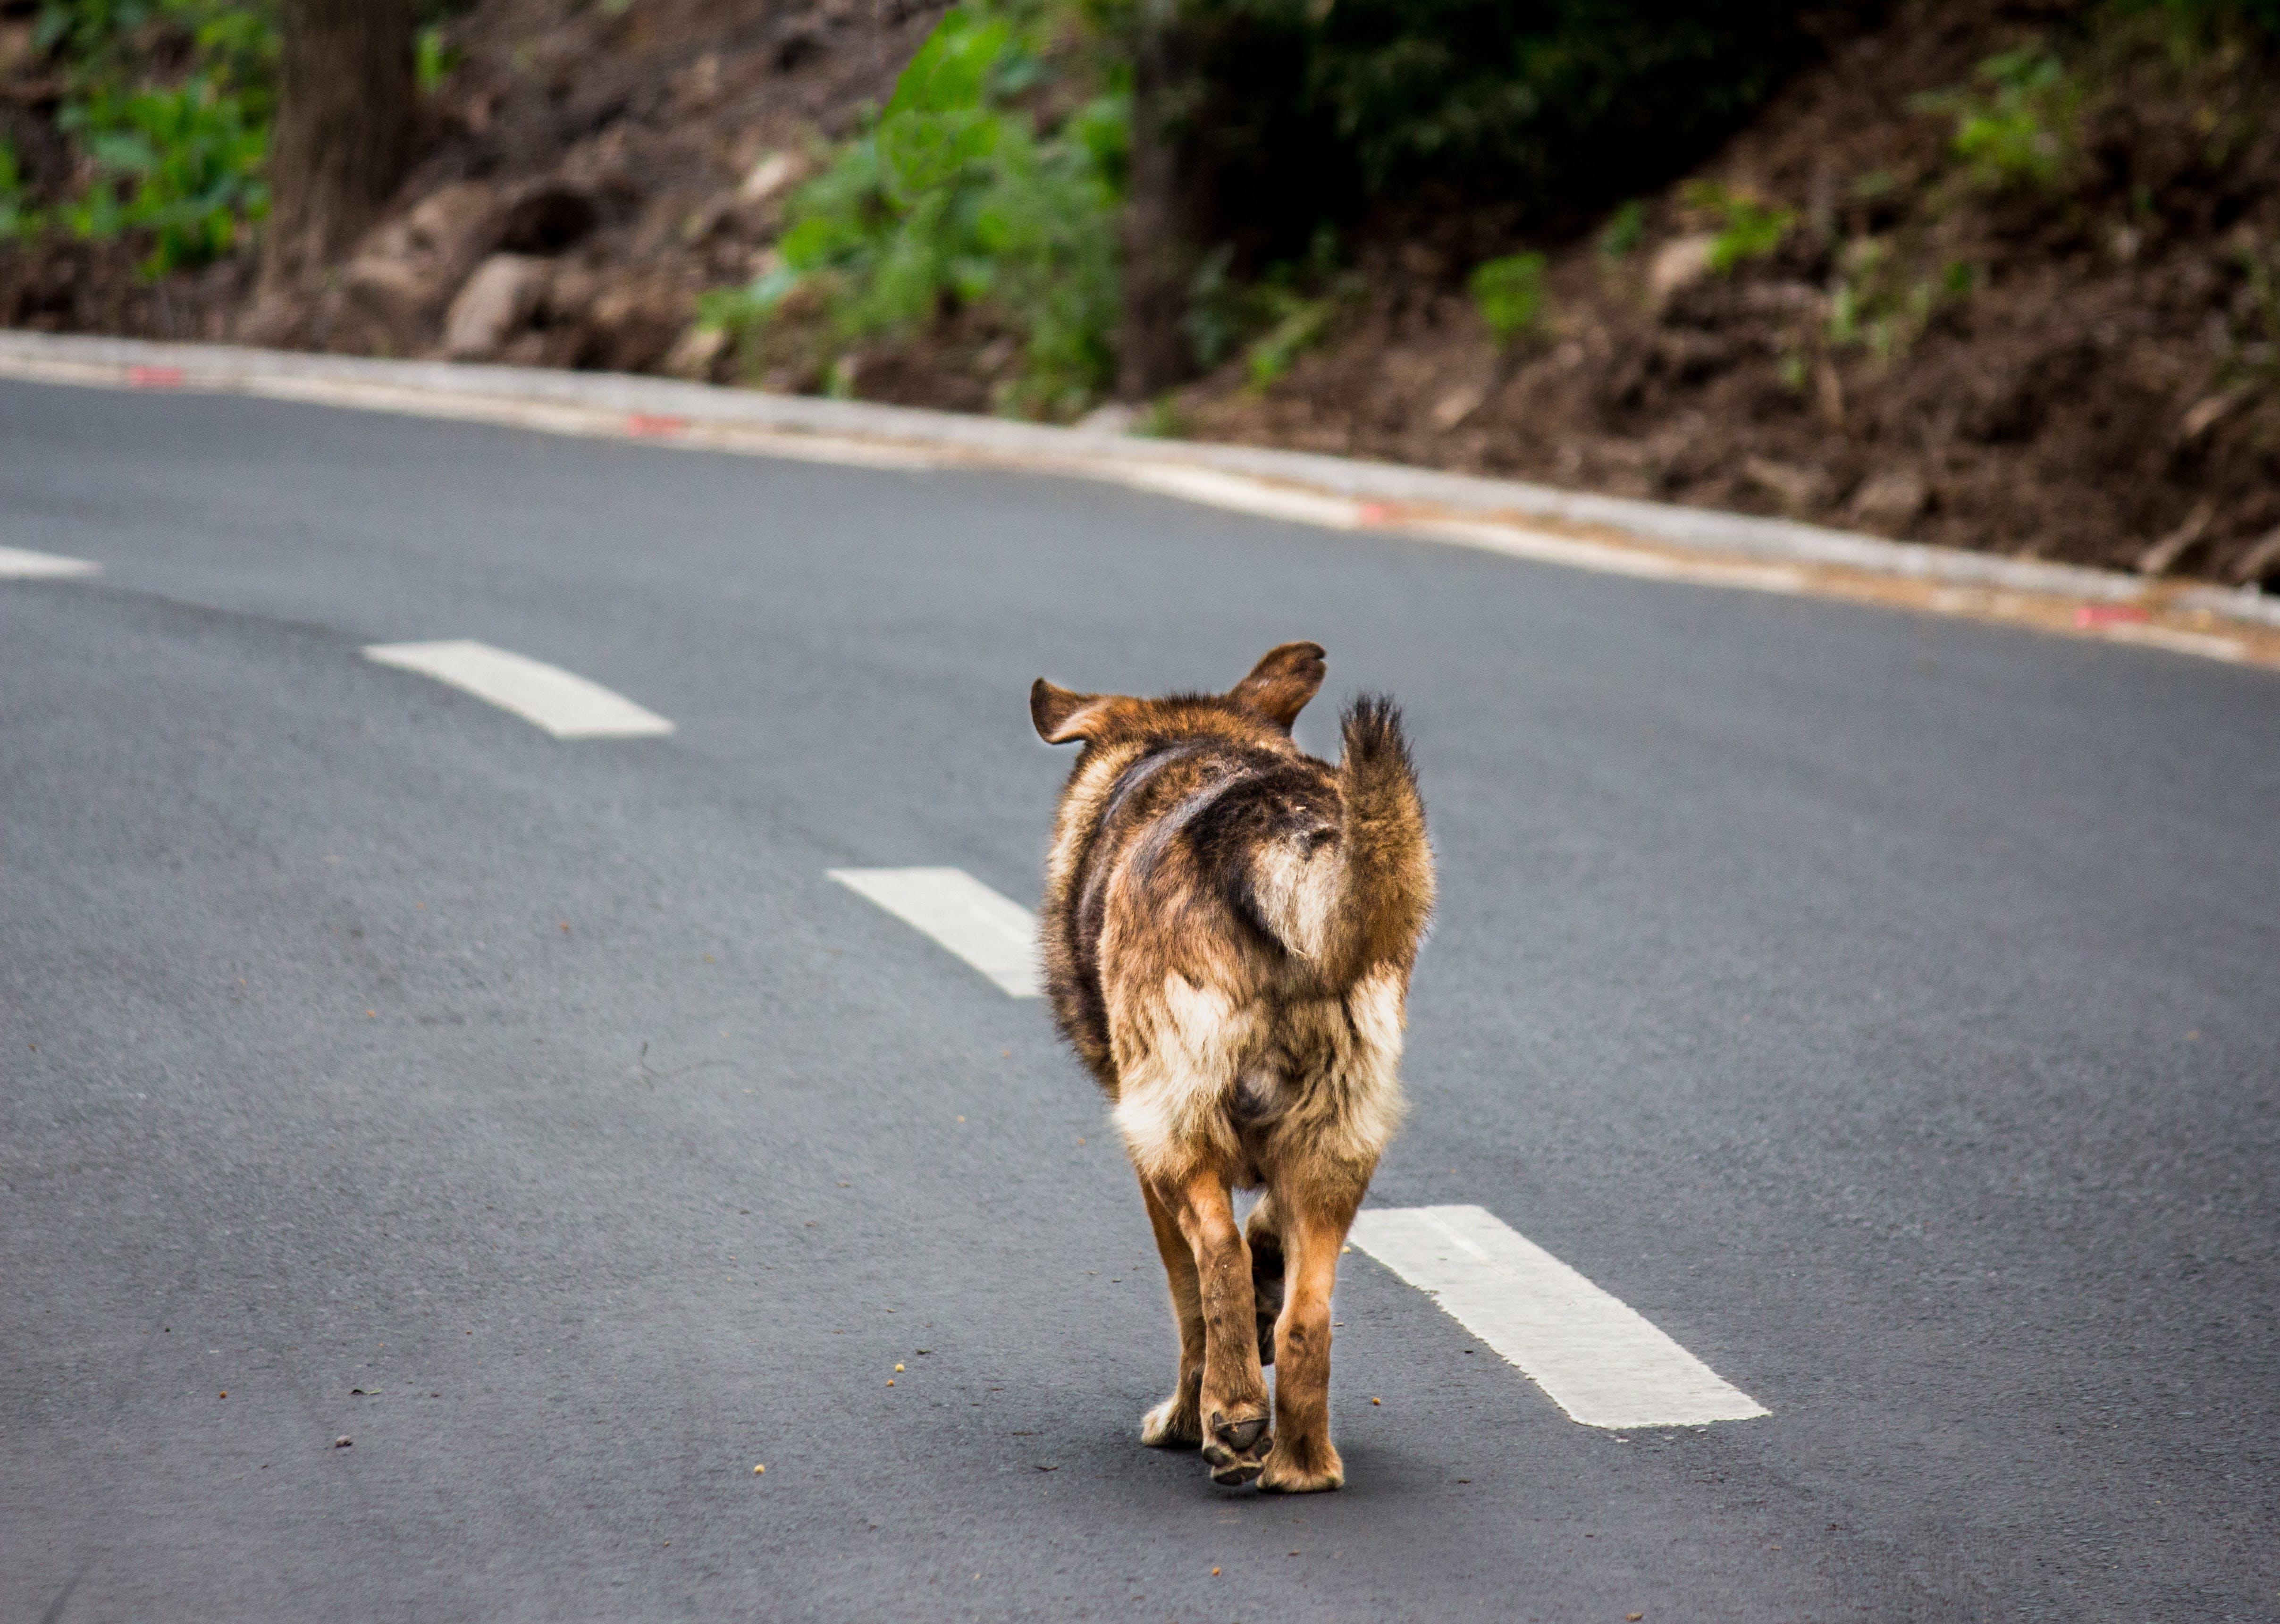 Photo of Adult Brown and Tan German Shepherd Walking on Roadway